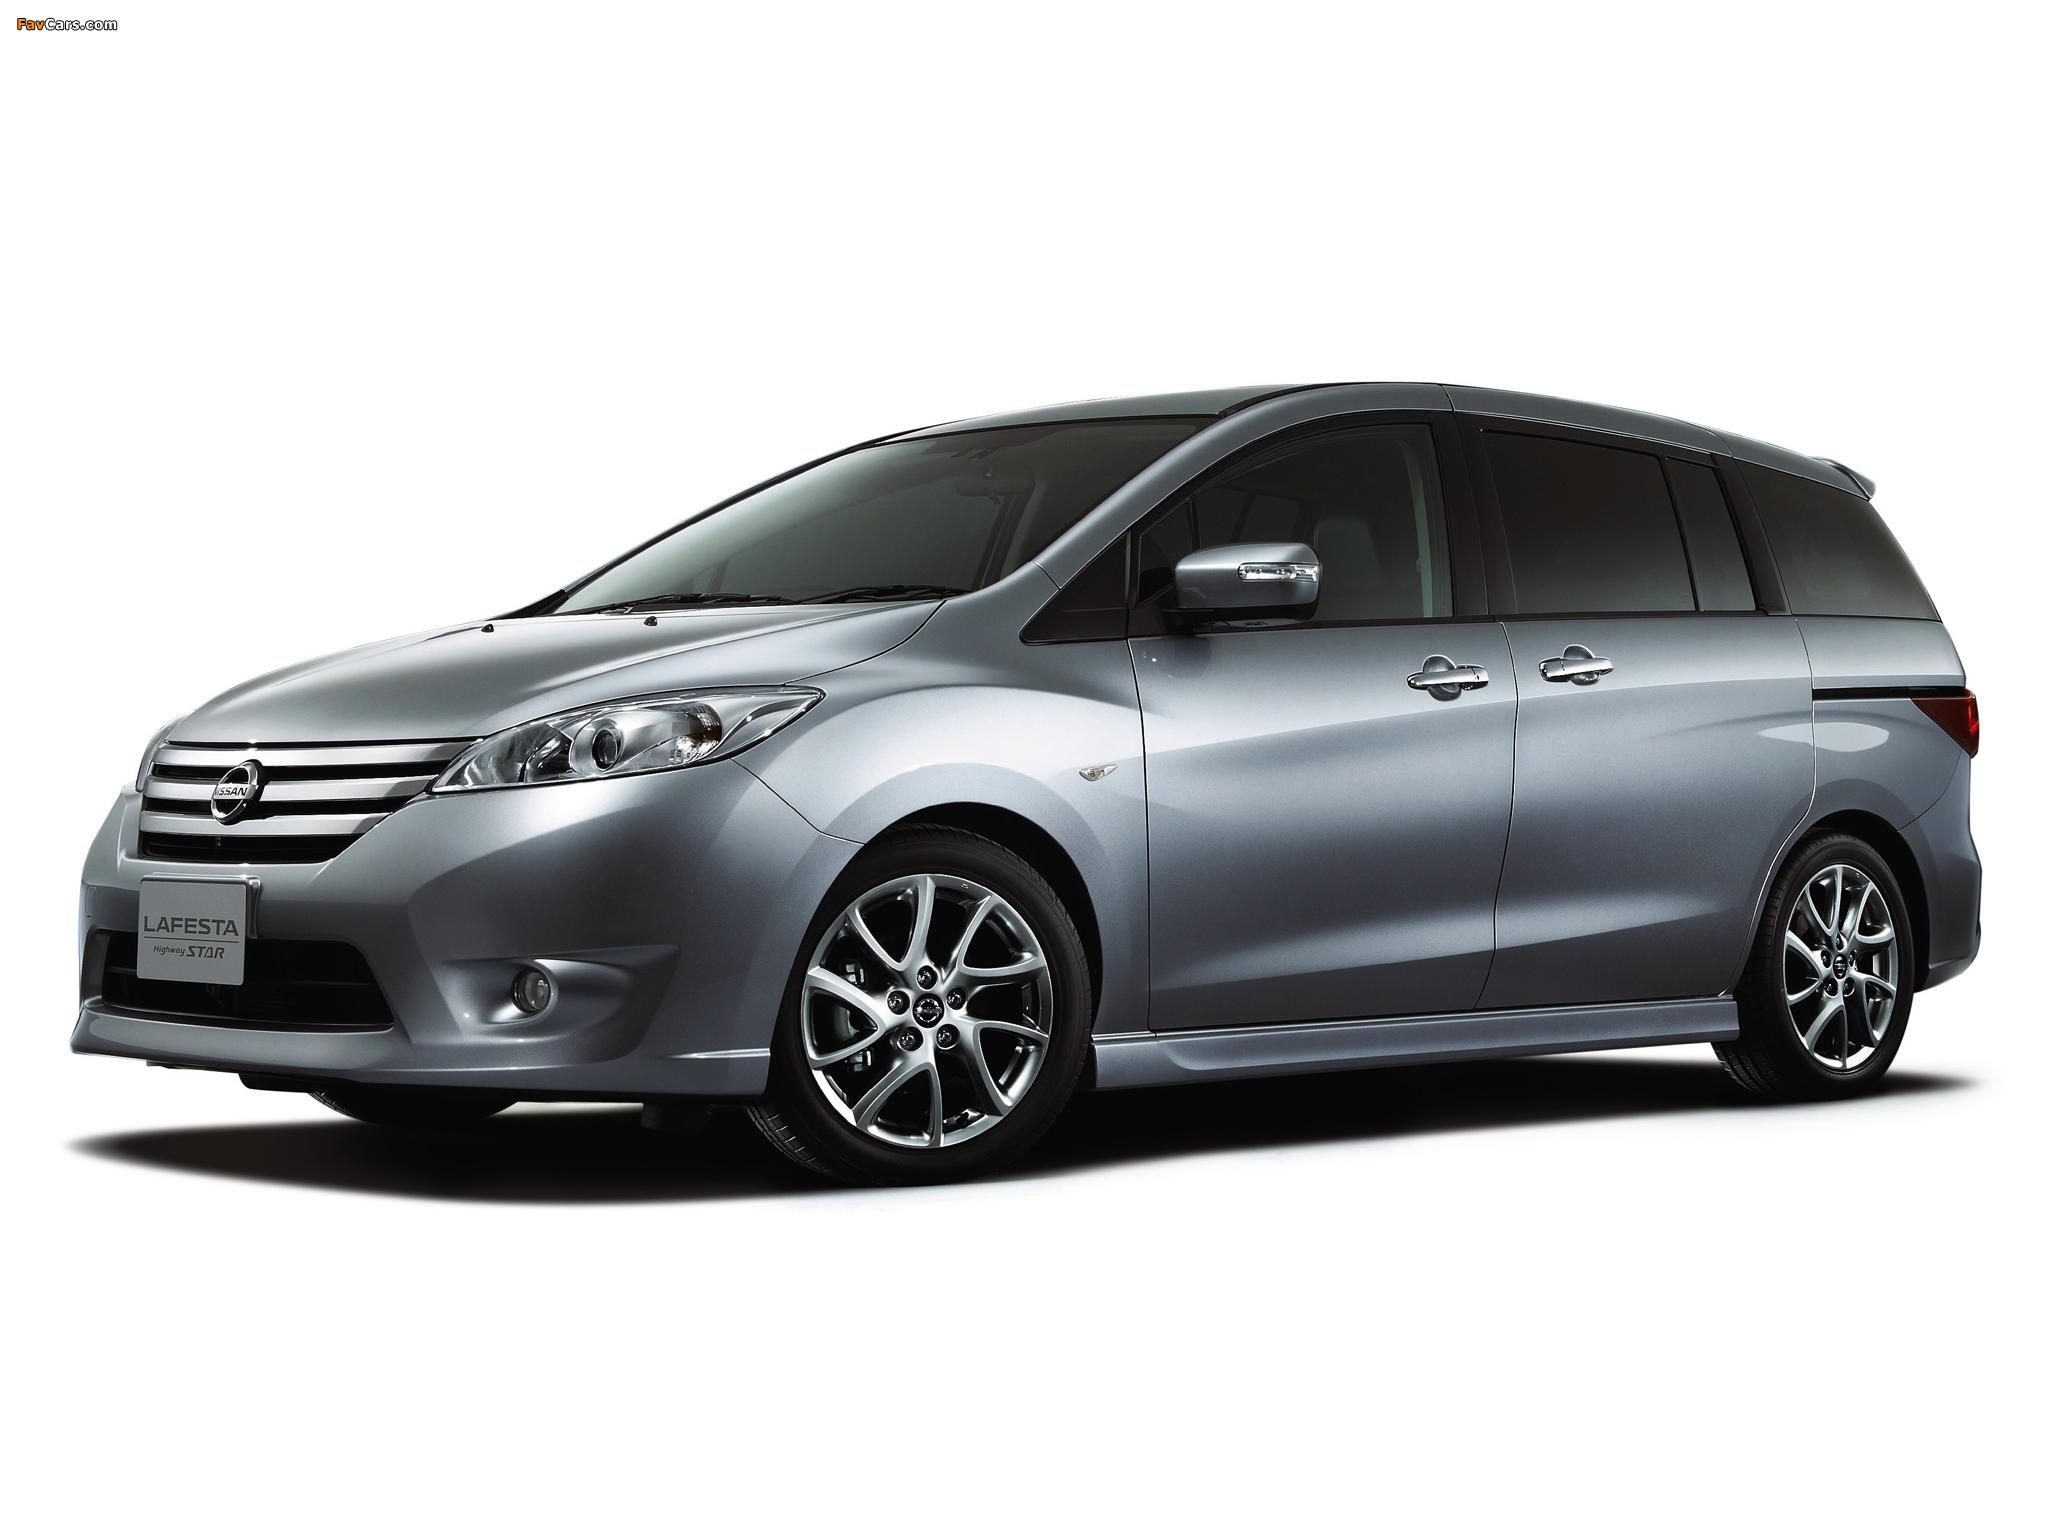 Images Of Nissan Lafesta Highway Star G Supremo B35 2012